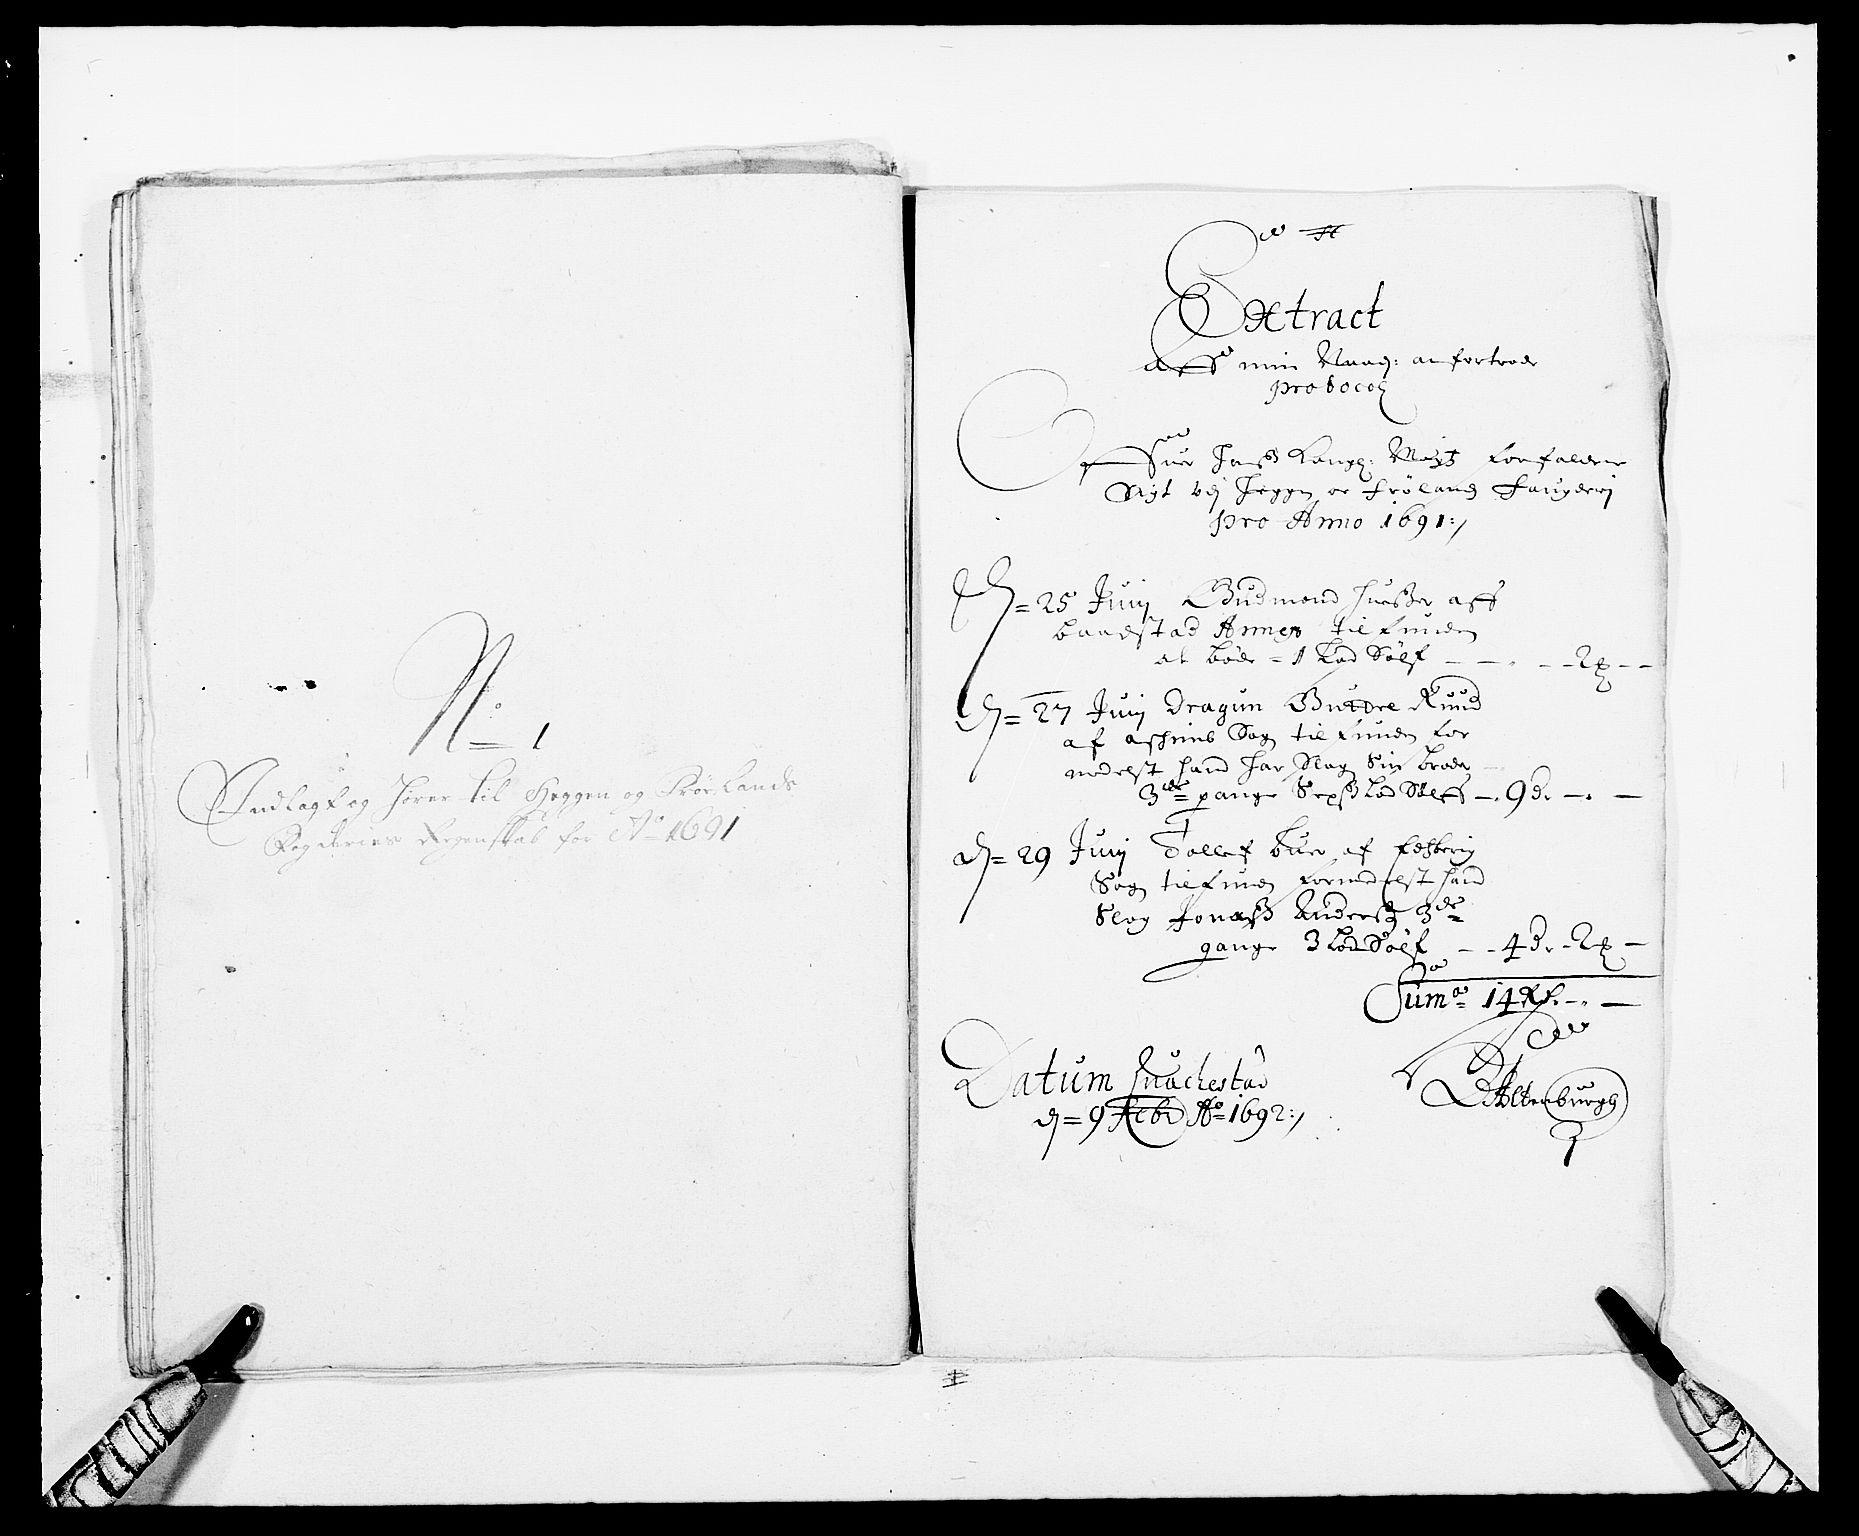 RA, Rentekammeret inntil 1814, Reviderte regnskaper, Fogderegnskap, R06/L0283: Fogderegnskap Heggen og Frøland, 1691-1693, s. 29